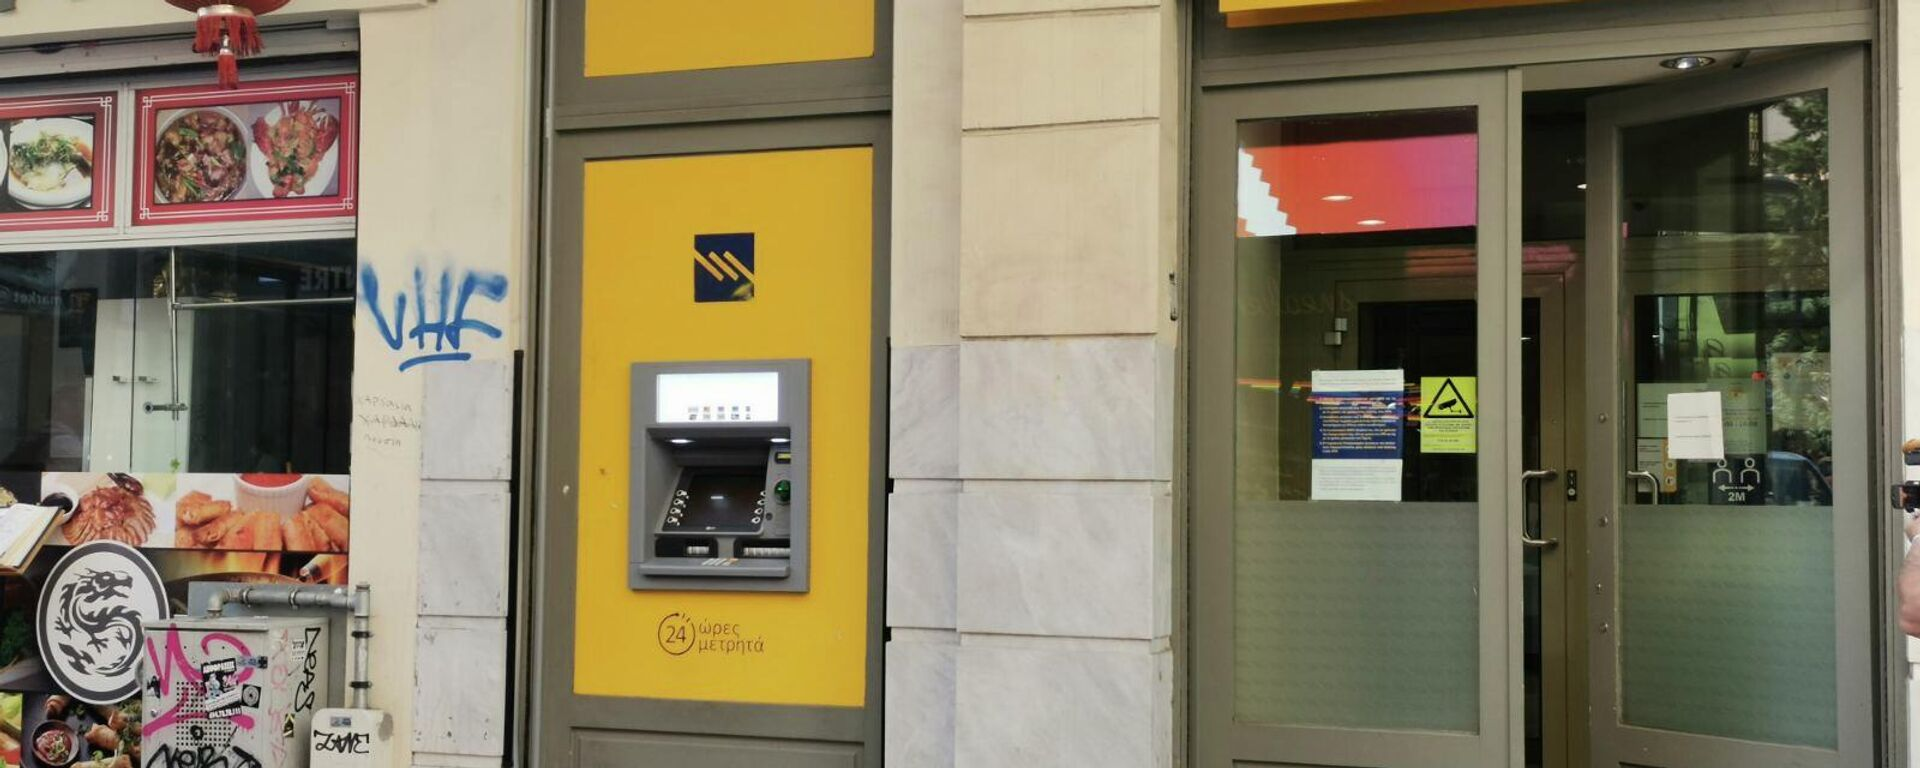 Ληστεία σε τράπεζα στη Μητροπόλεως - Sputnik Ελλάδα, 1920, 27.09.2021